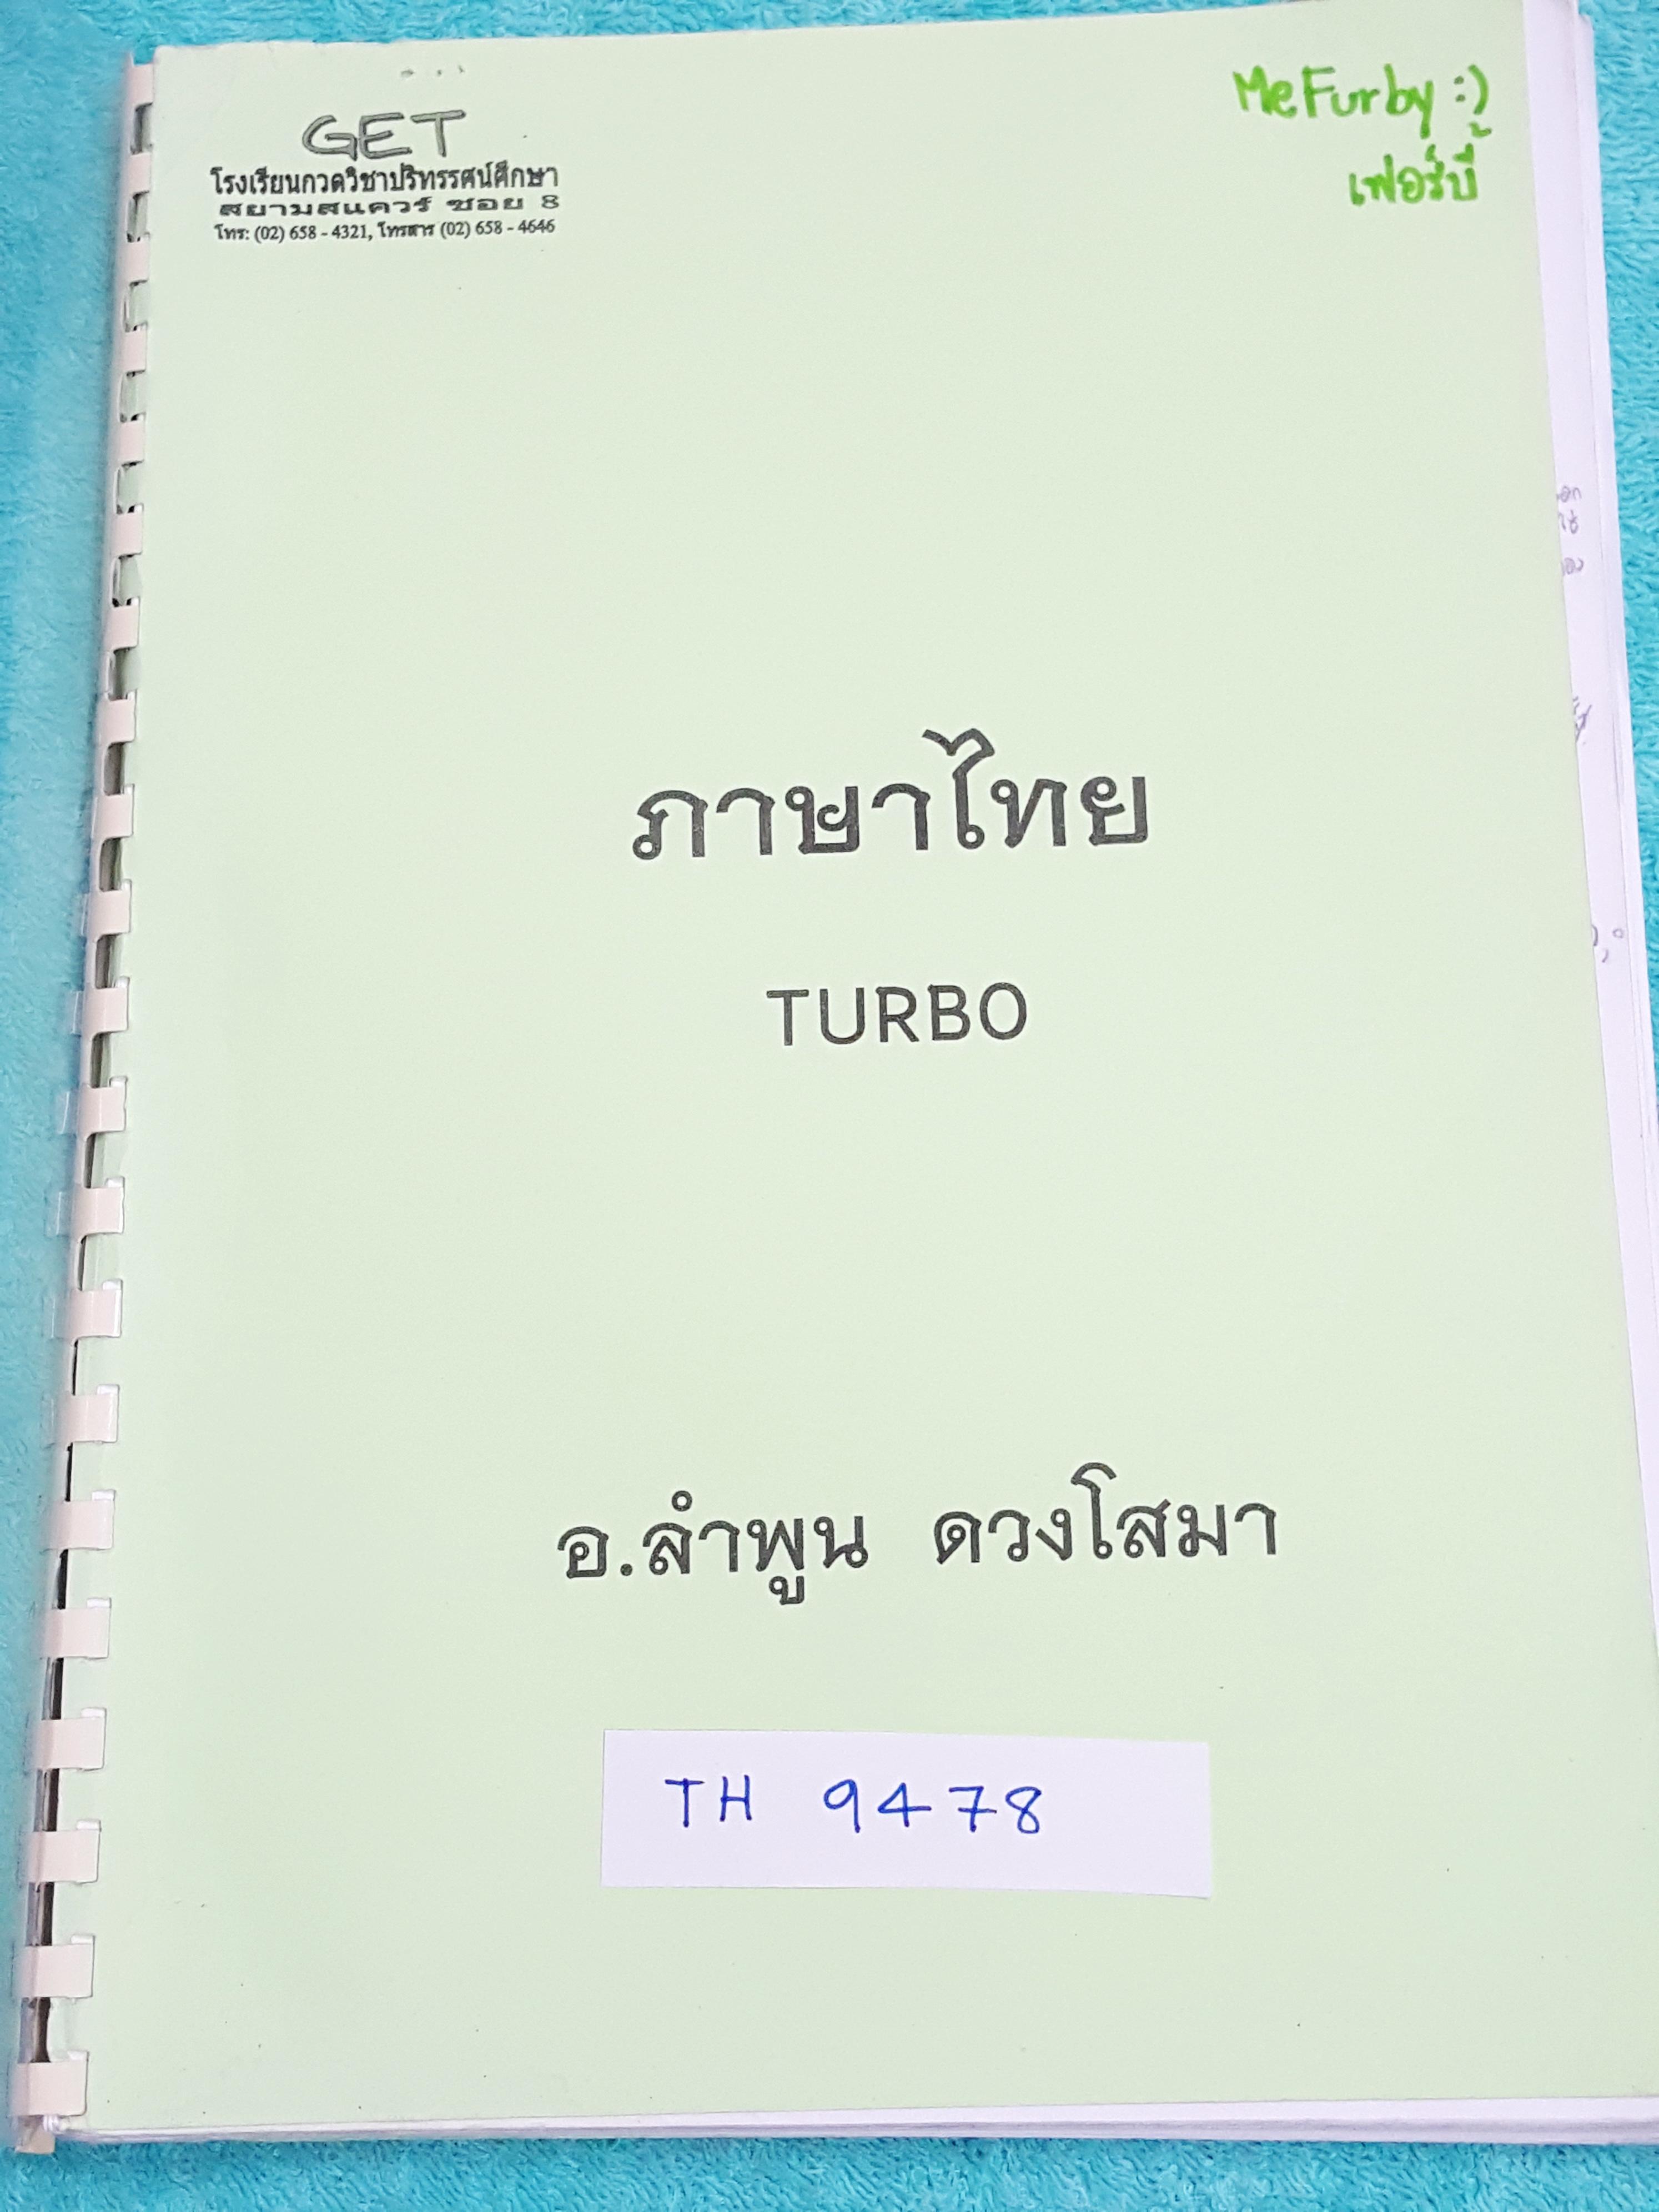 ►อ.ลำพูน◄ TH 9478 คอร์สภาษาไทย Turbo หนังสือสรุปเนื้อหาวิชาภาษาไทย เตรียมสอบเข้า ม.4 มีเทคนิคลัดเยอะมาก #มีสูตรการจำ + สูตรลับ ของอ.ลำพูน และจุดที่ต้องระวังเป็นพิเศษ มีตัวอย่างข้อสอบที่ชอบออกสอบบ่อยๆ จดครบทั้งเล่ม จะละเอียด หนังสือใส่ปกสันเกลียวเปิดอ่านง่